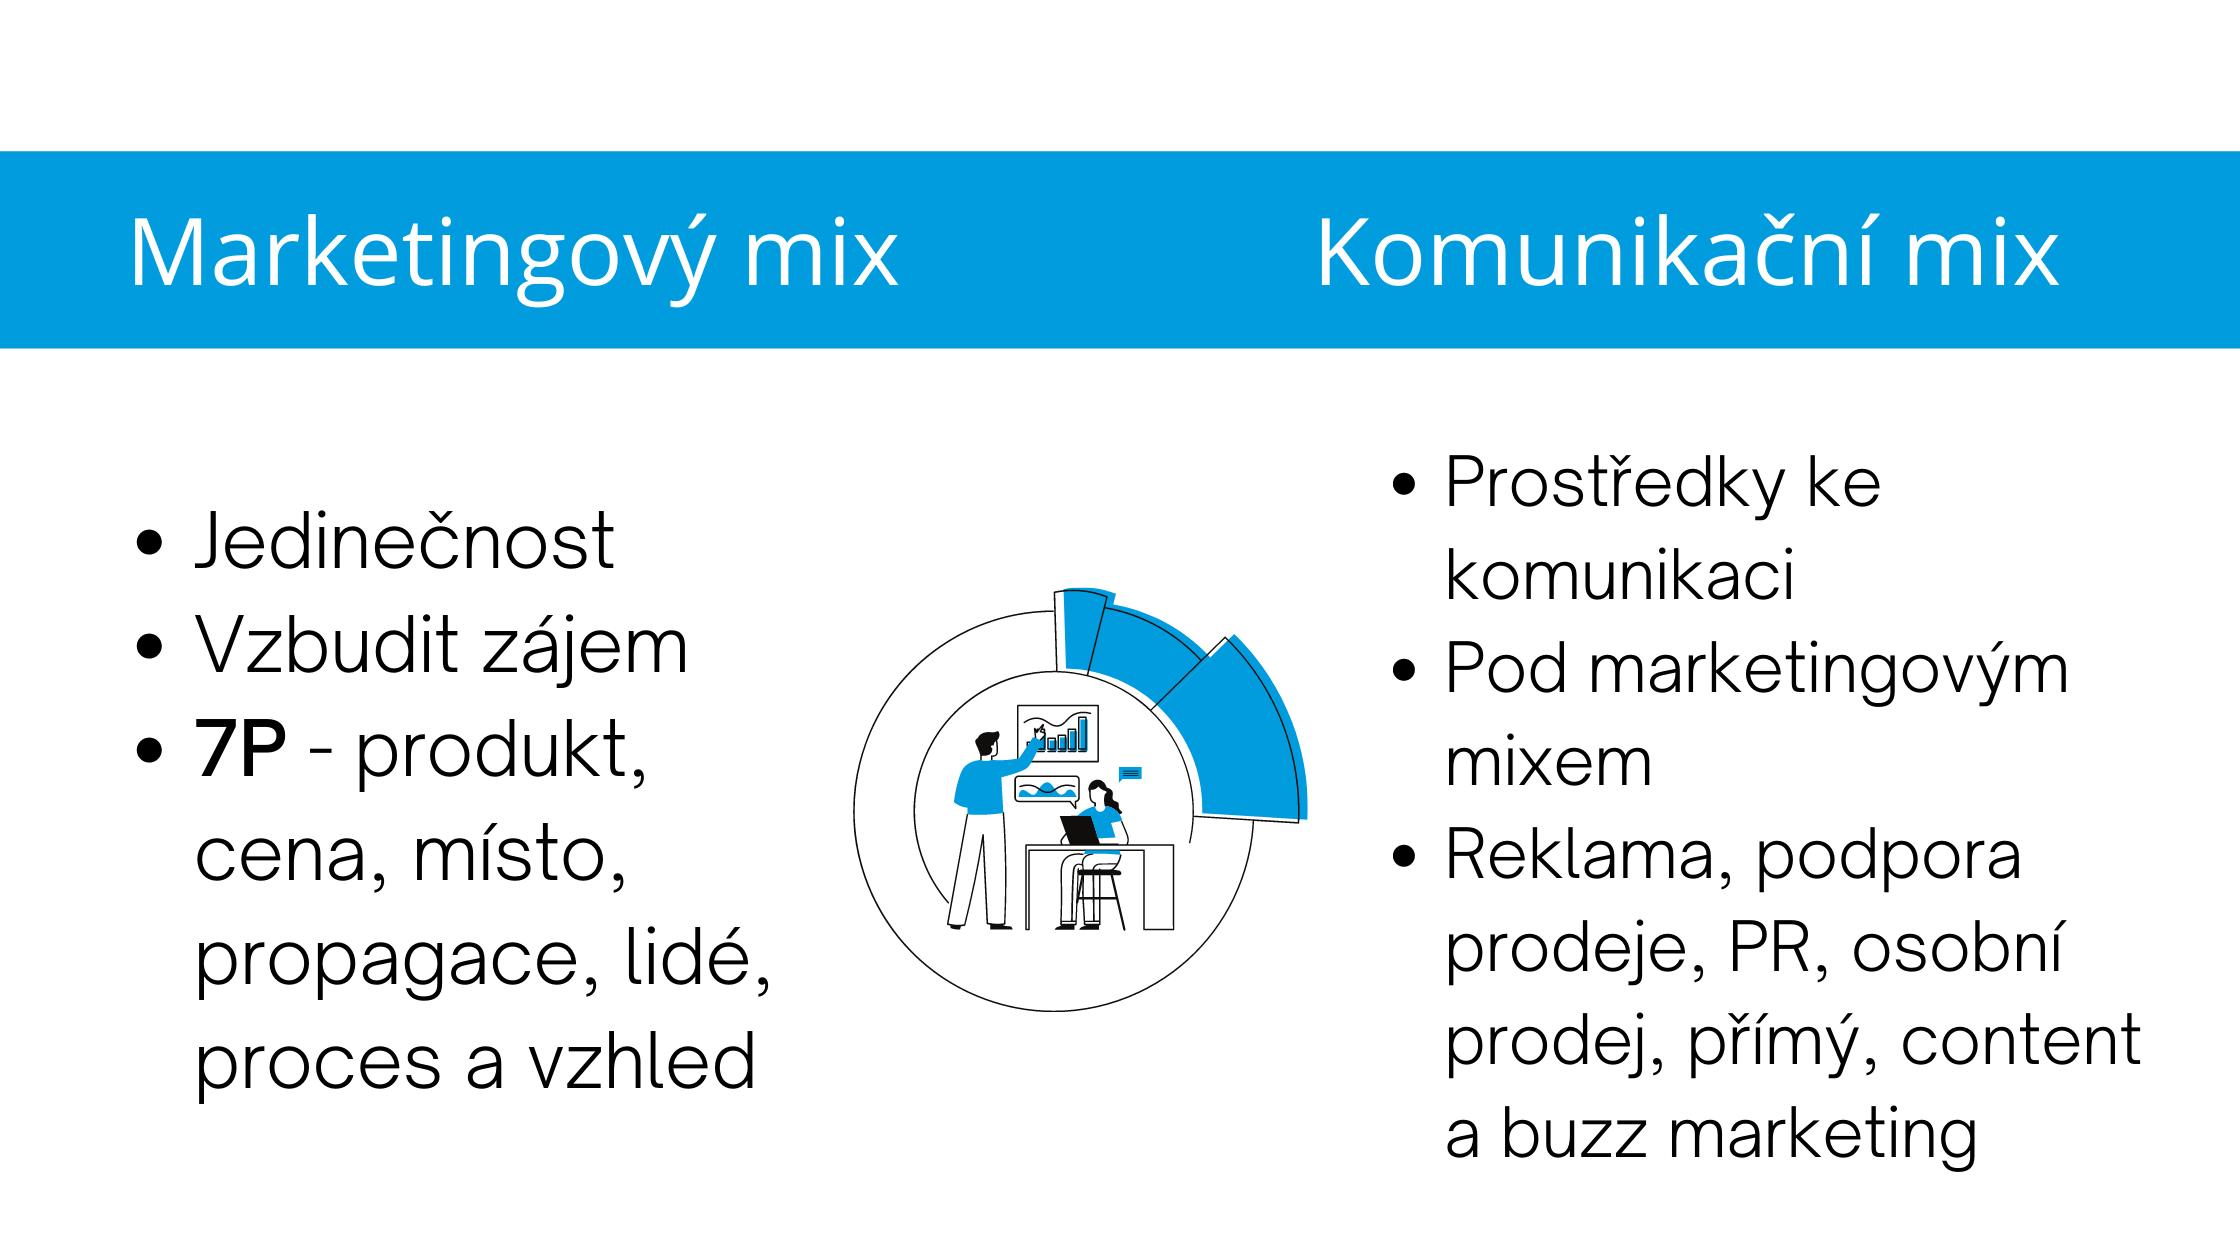 Komunikační_mix_vs_makretingový_mix